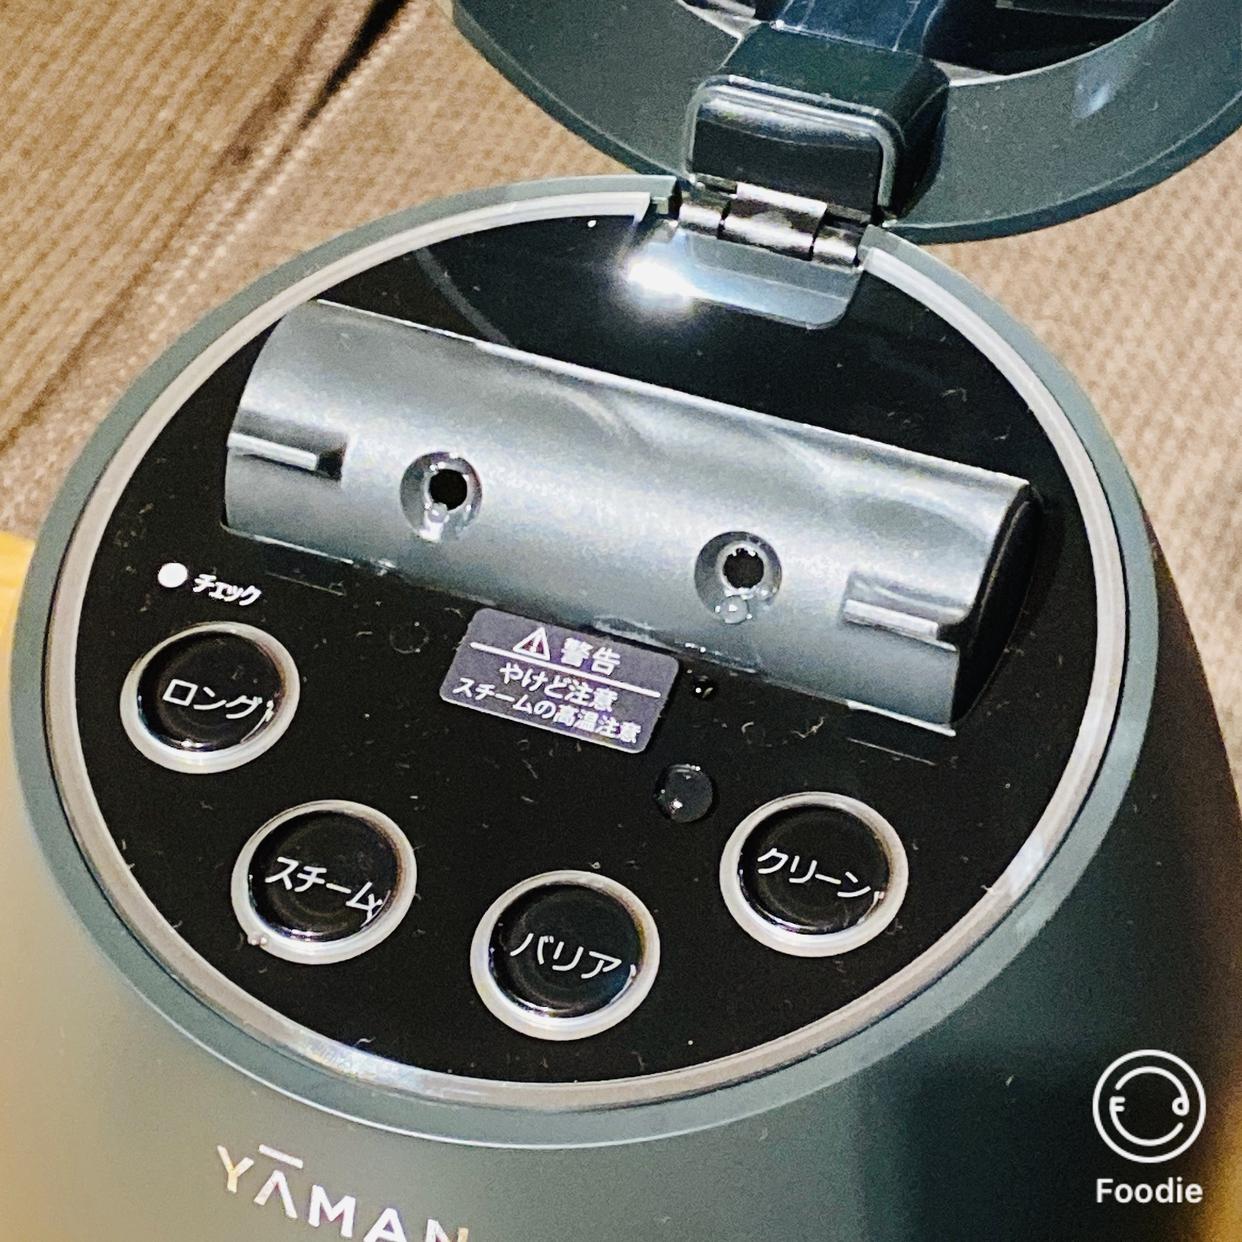 YA-MAN(ヤーマン)毛穴ケアスチーマー ブライトクリーン IS-98Bを使ったLotusさんのクチコミ画像3